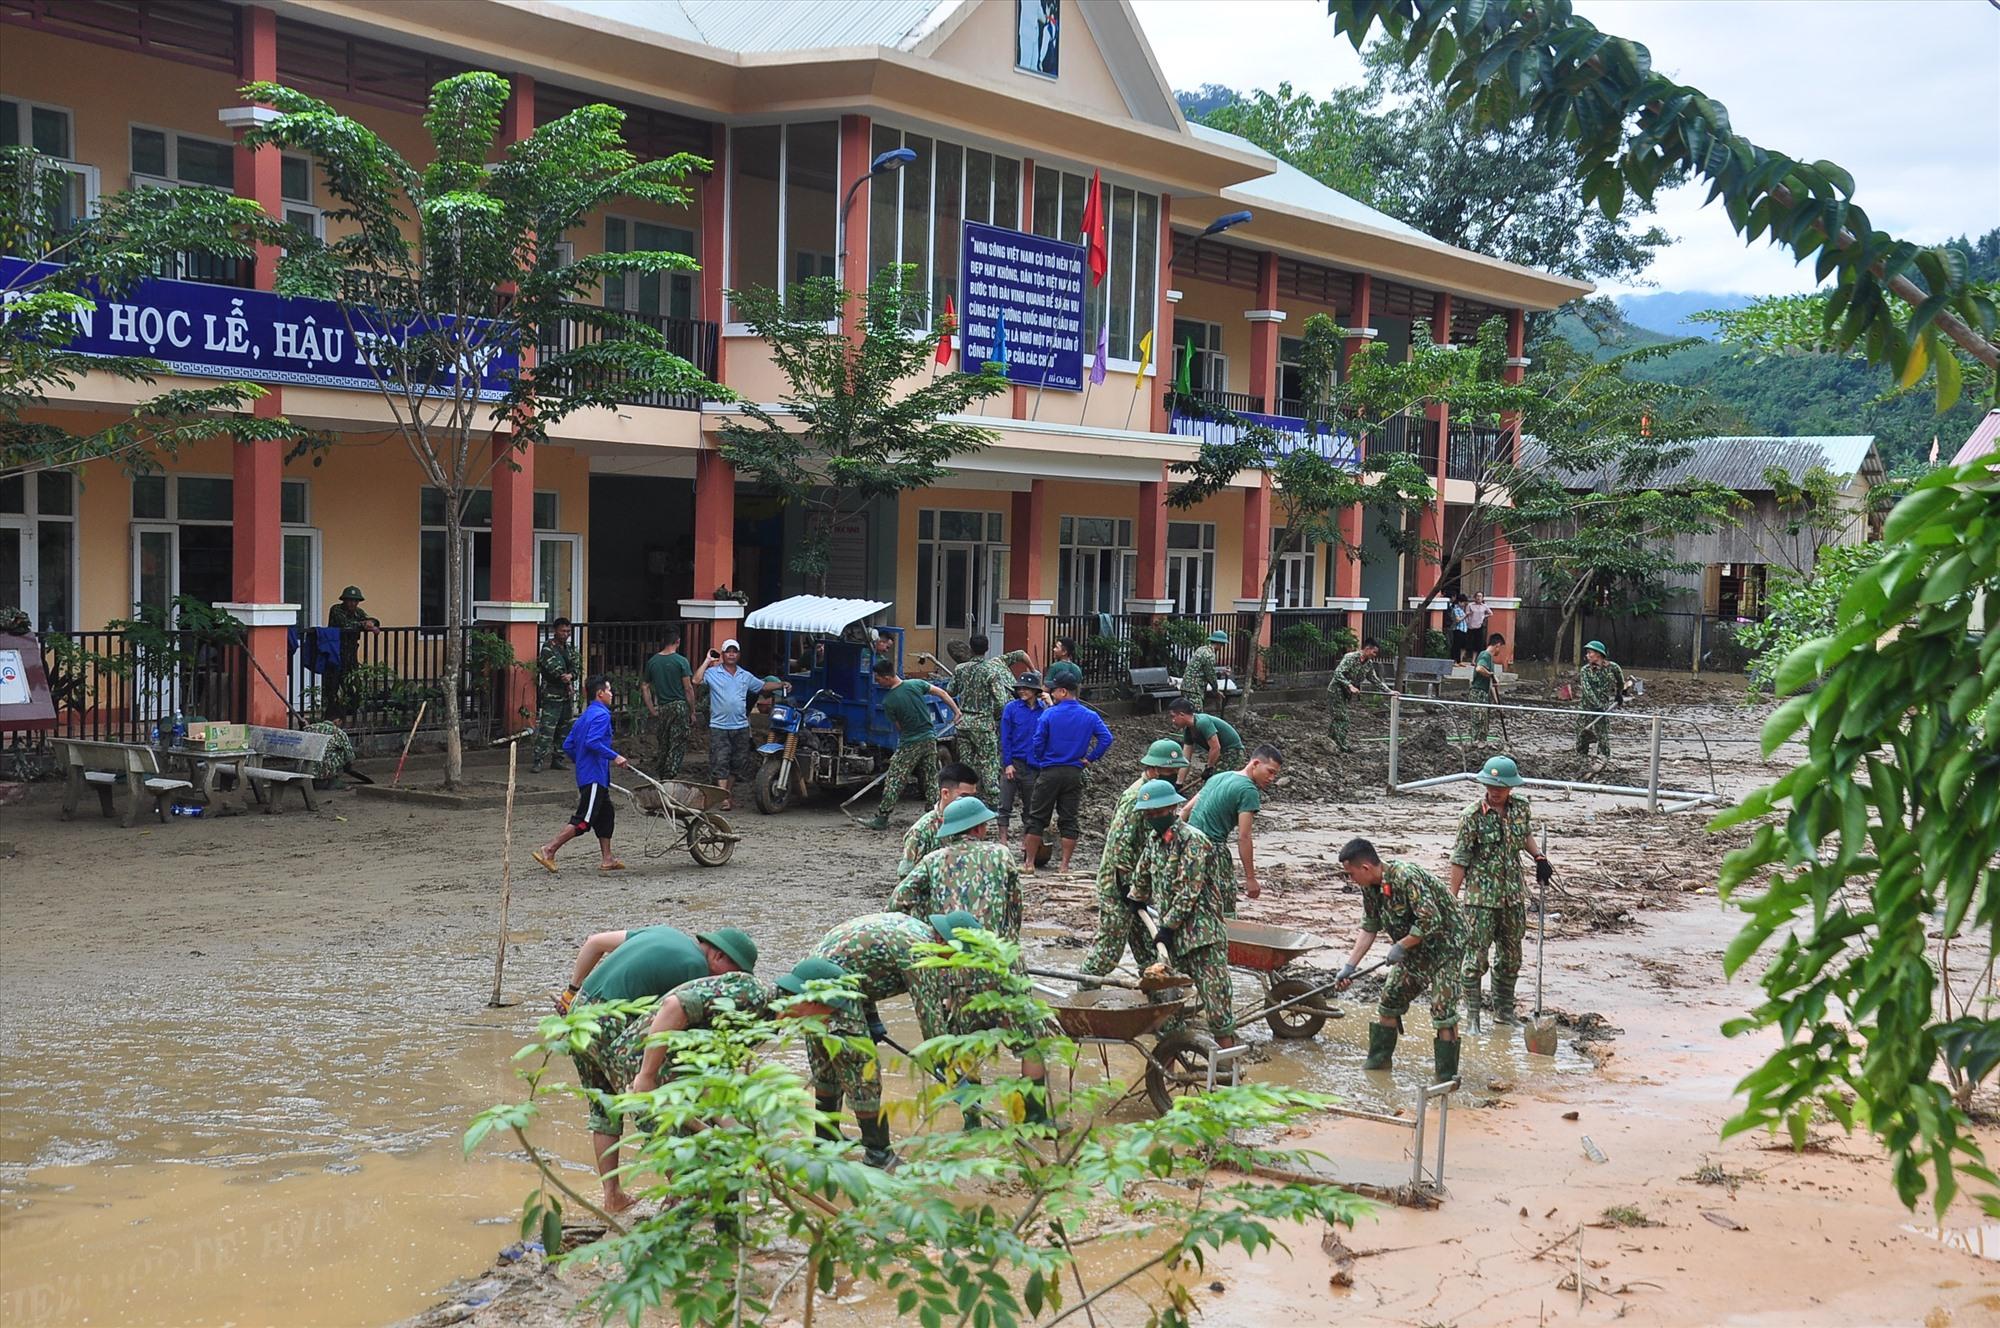 Cán bộ, chiến sĩ và thanh niên tình nguyện tổ chức dọn bùn đất trong sân trường. Ảnh: VINH ANH